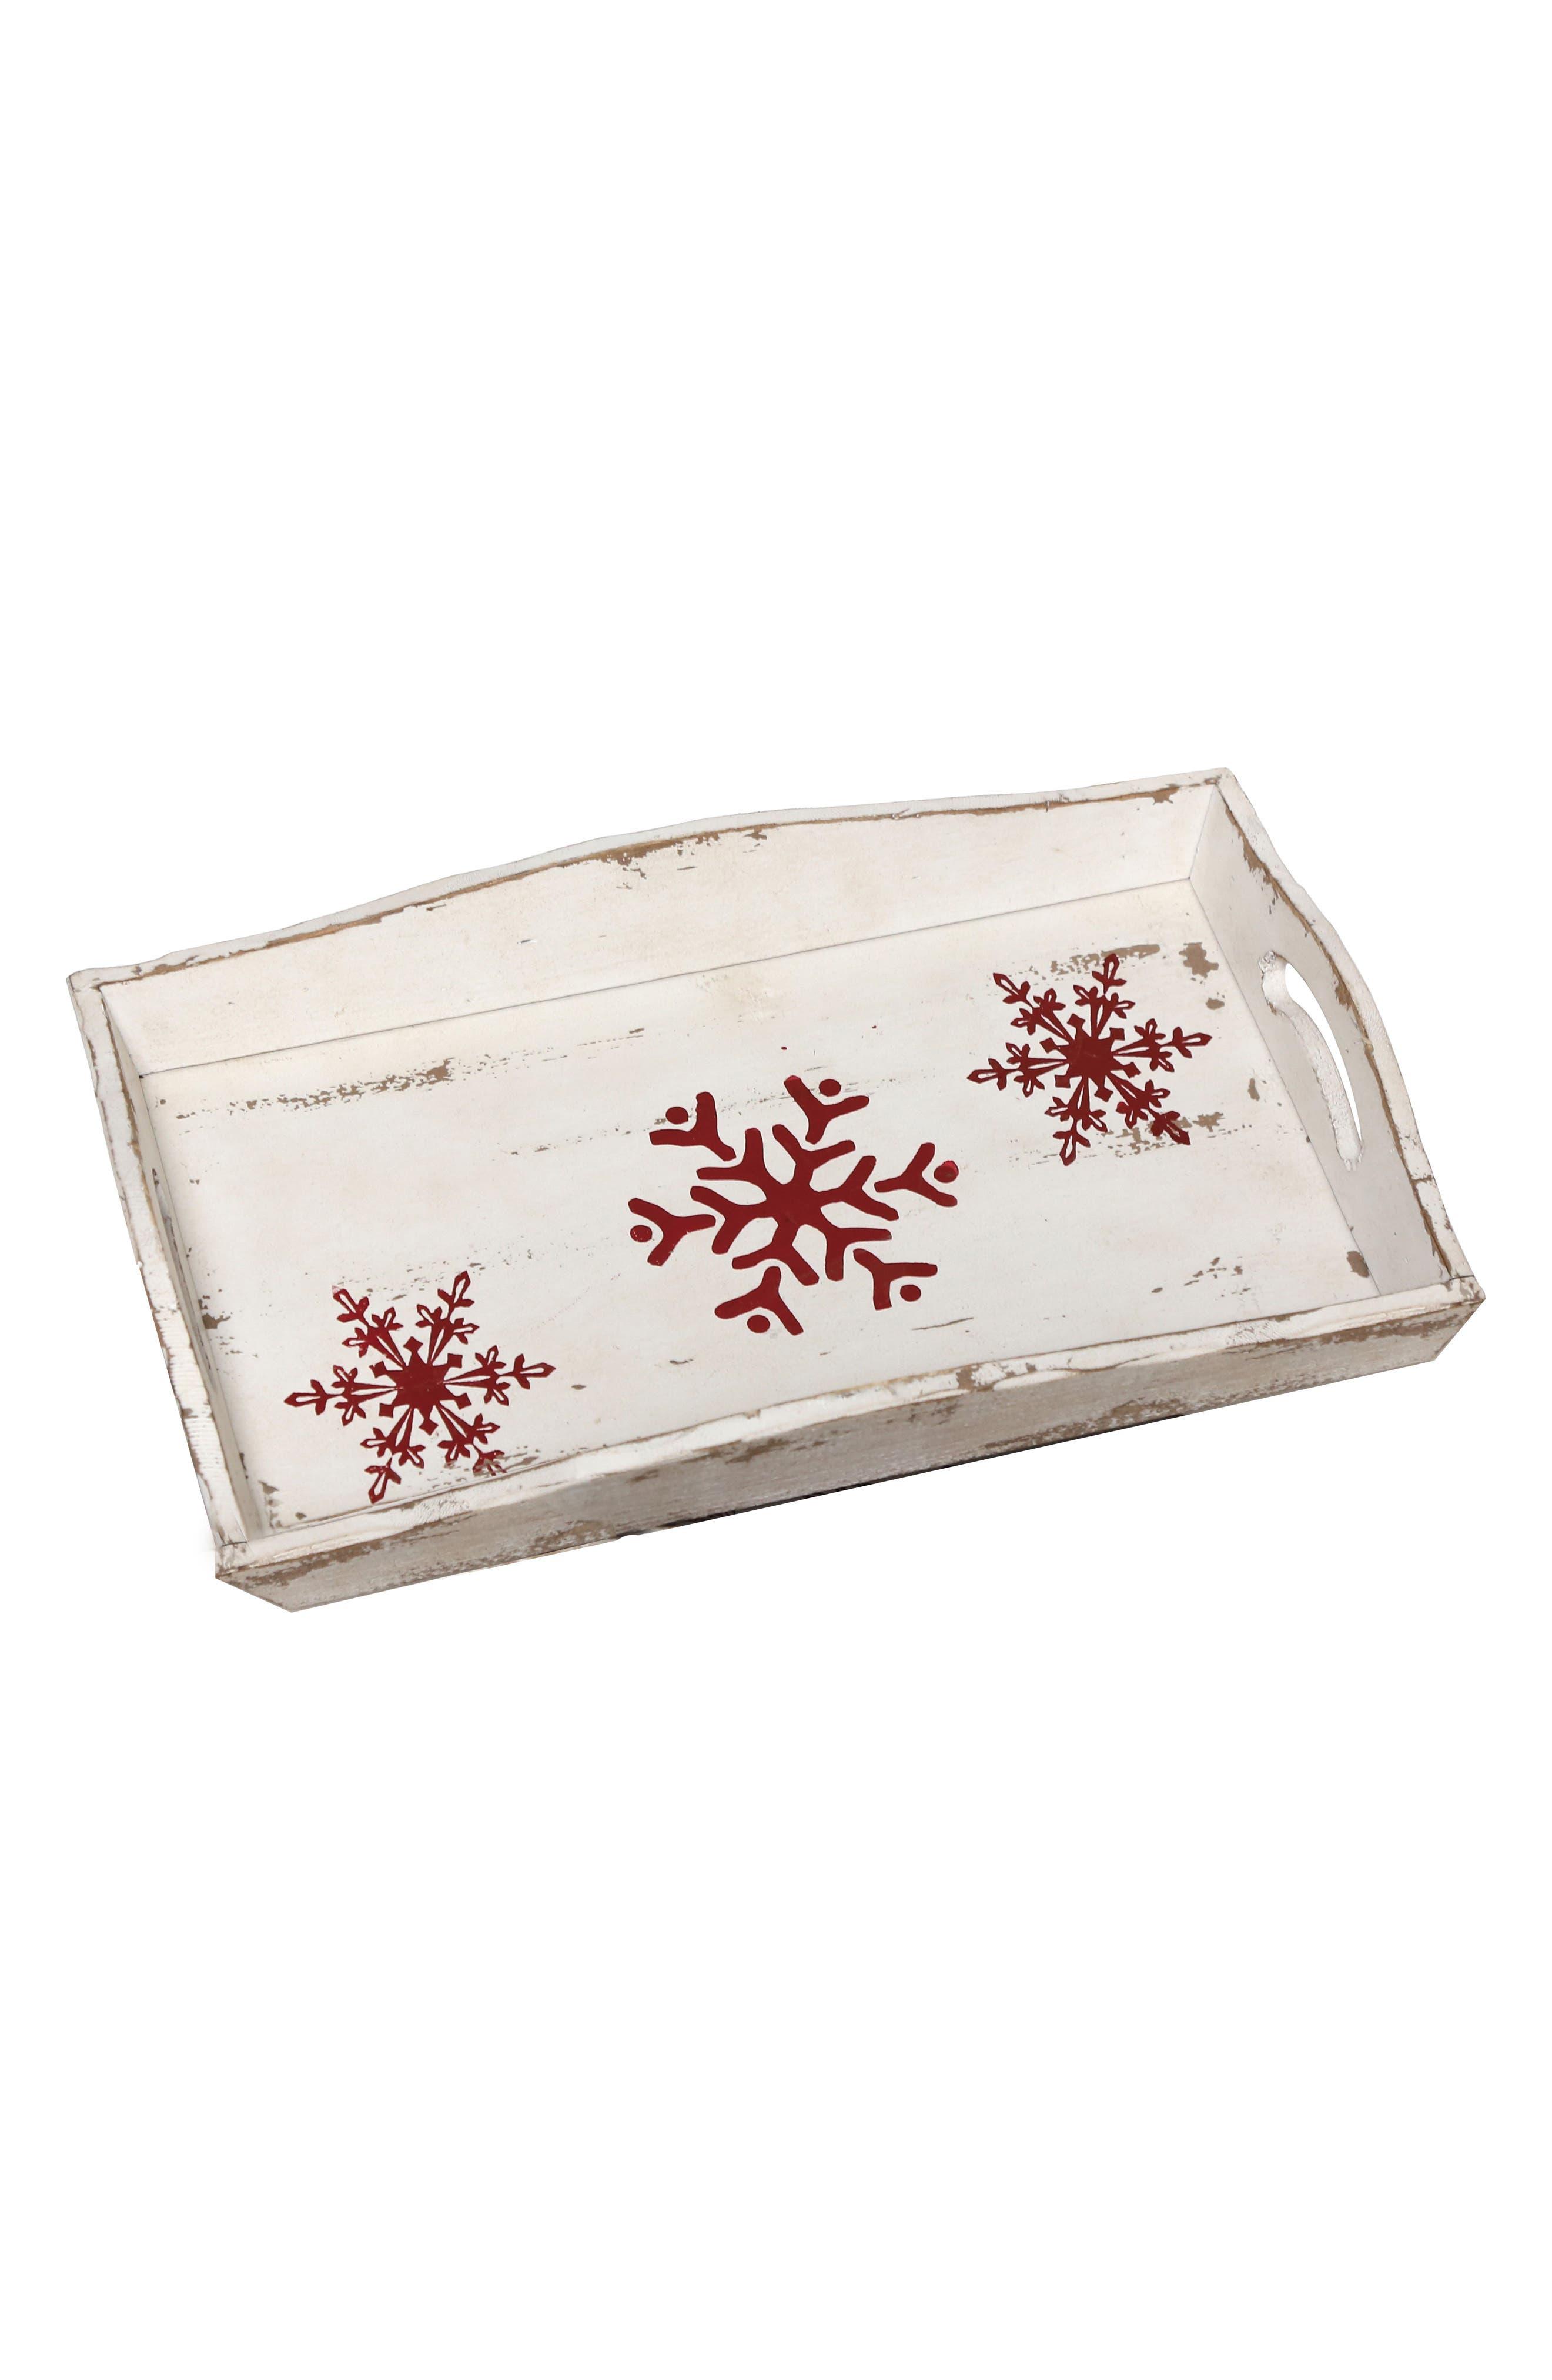 Snowflake Wood Tray,                             Main thumbnail 1, color,                             600